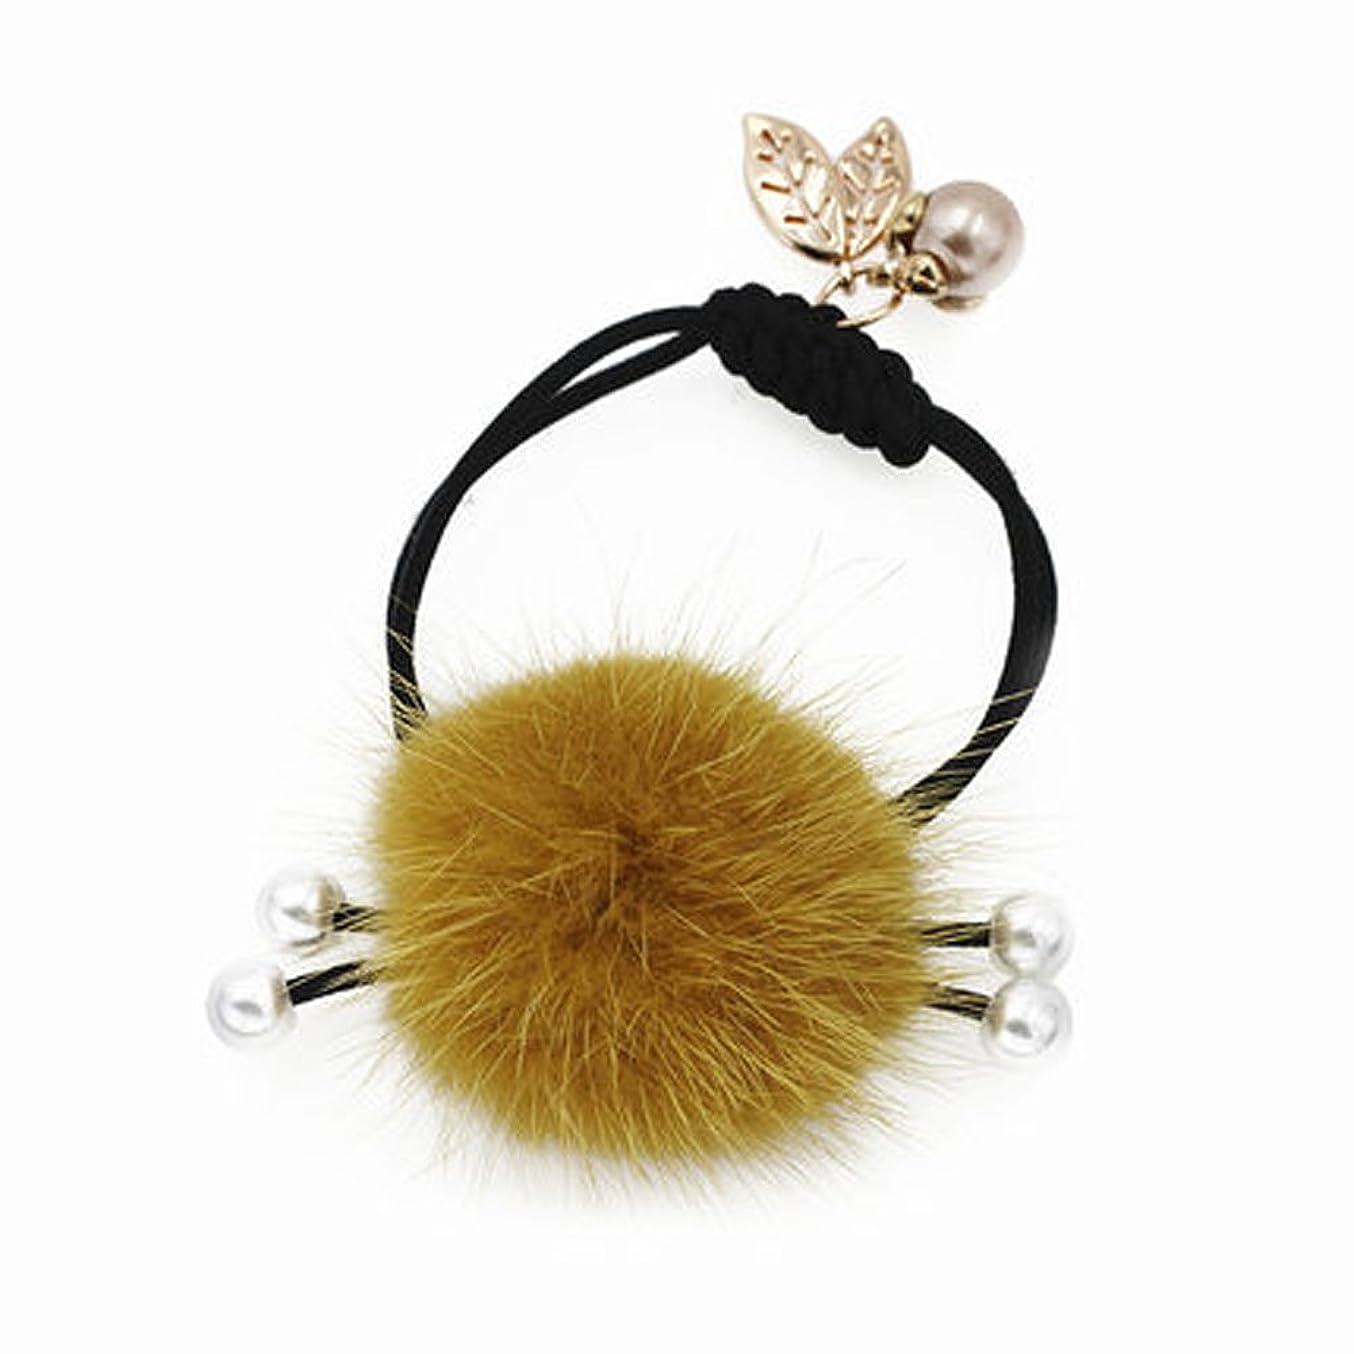 改善整然としたの間に冬ラブリーふわふわのボールヘア結束ヘアバンドラバーヘアアクセサリー - イエロー